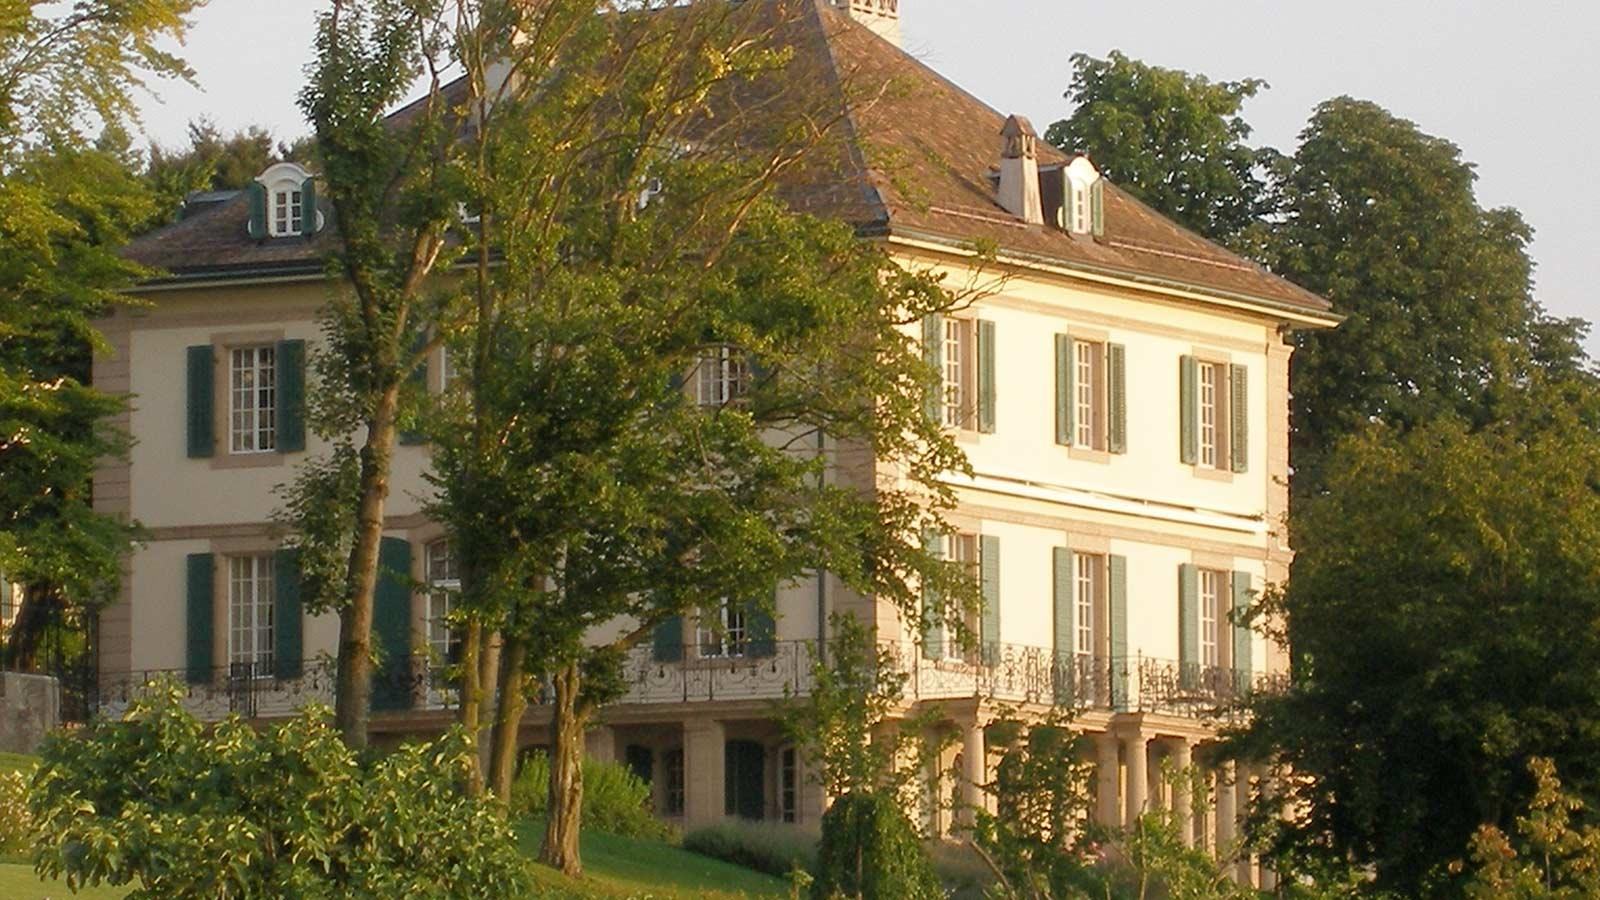 Villa Diodati in 2008